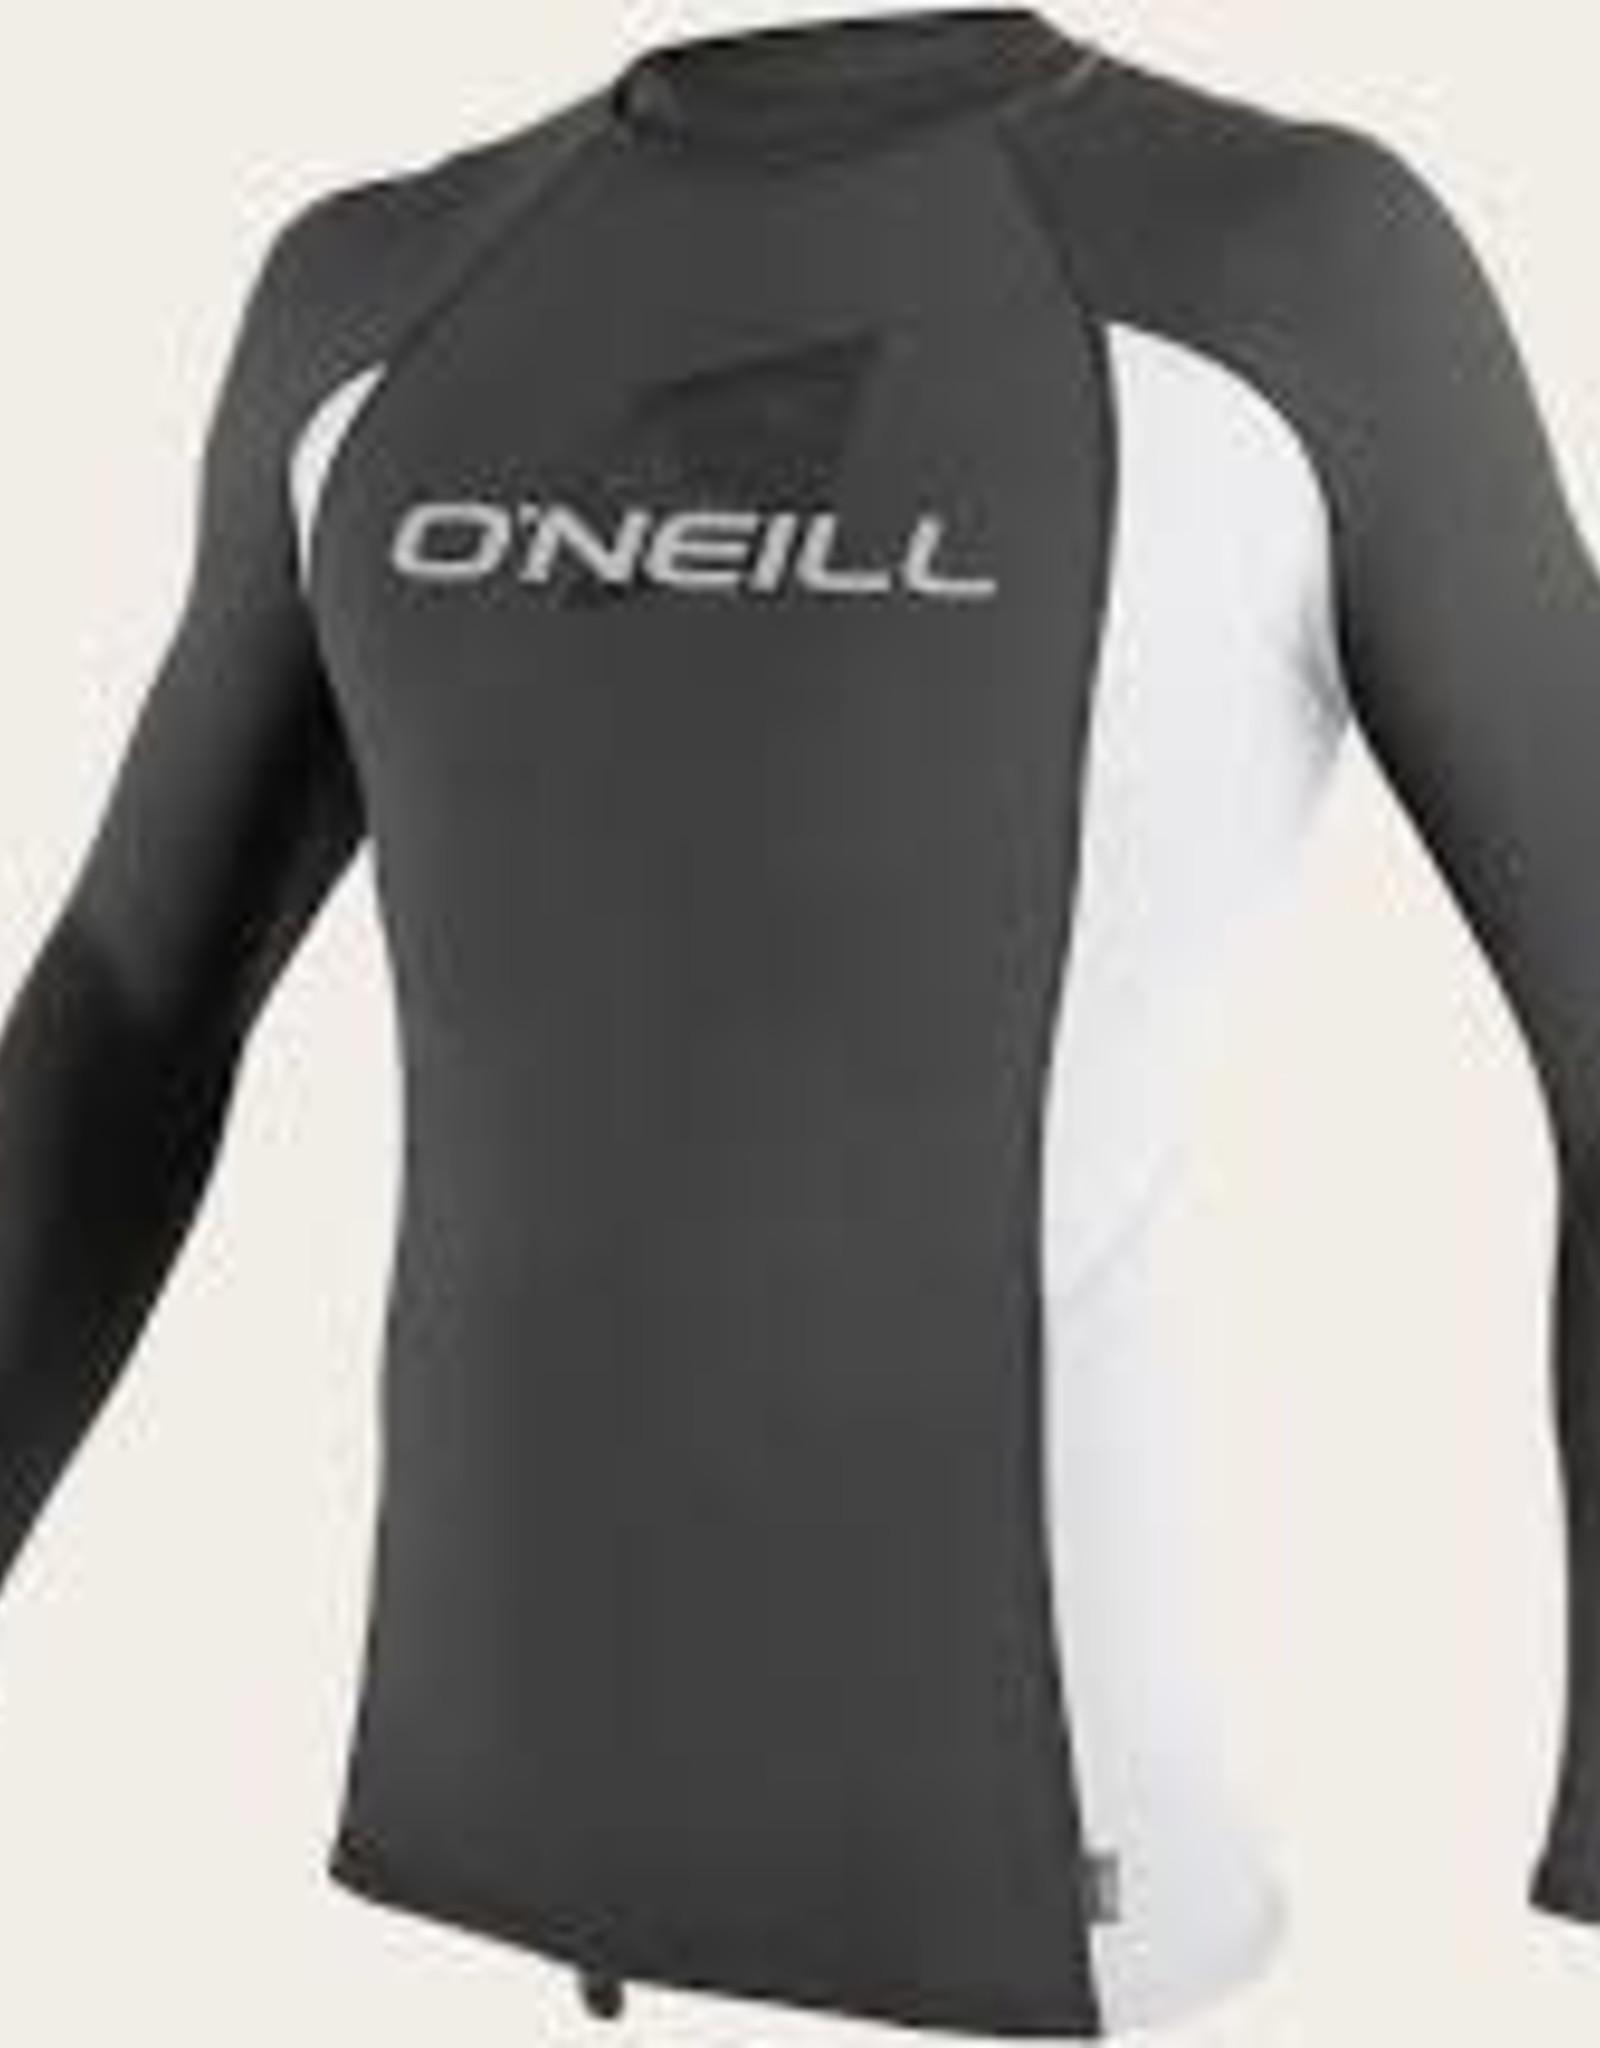 oneill oneill boys l/s skins lycra